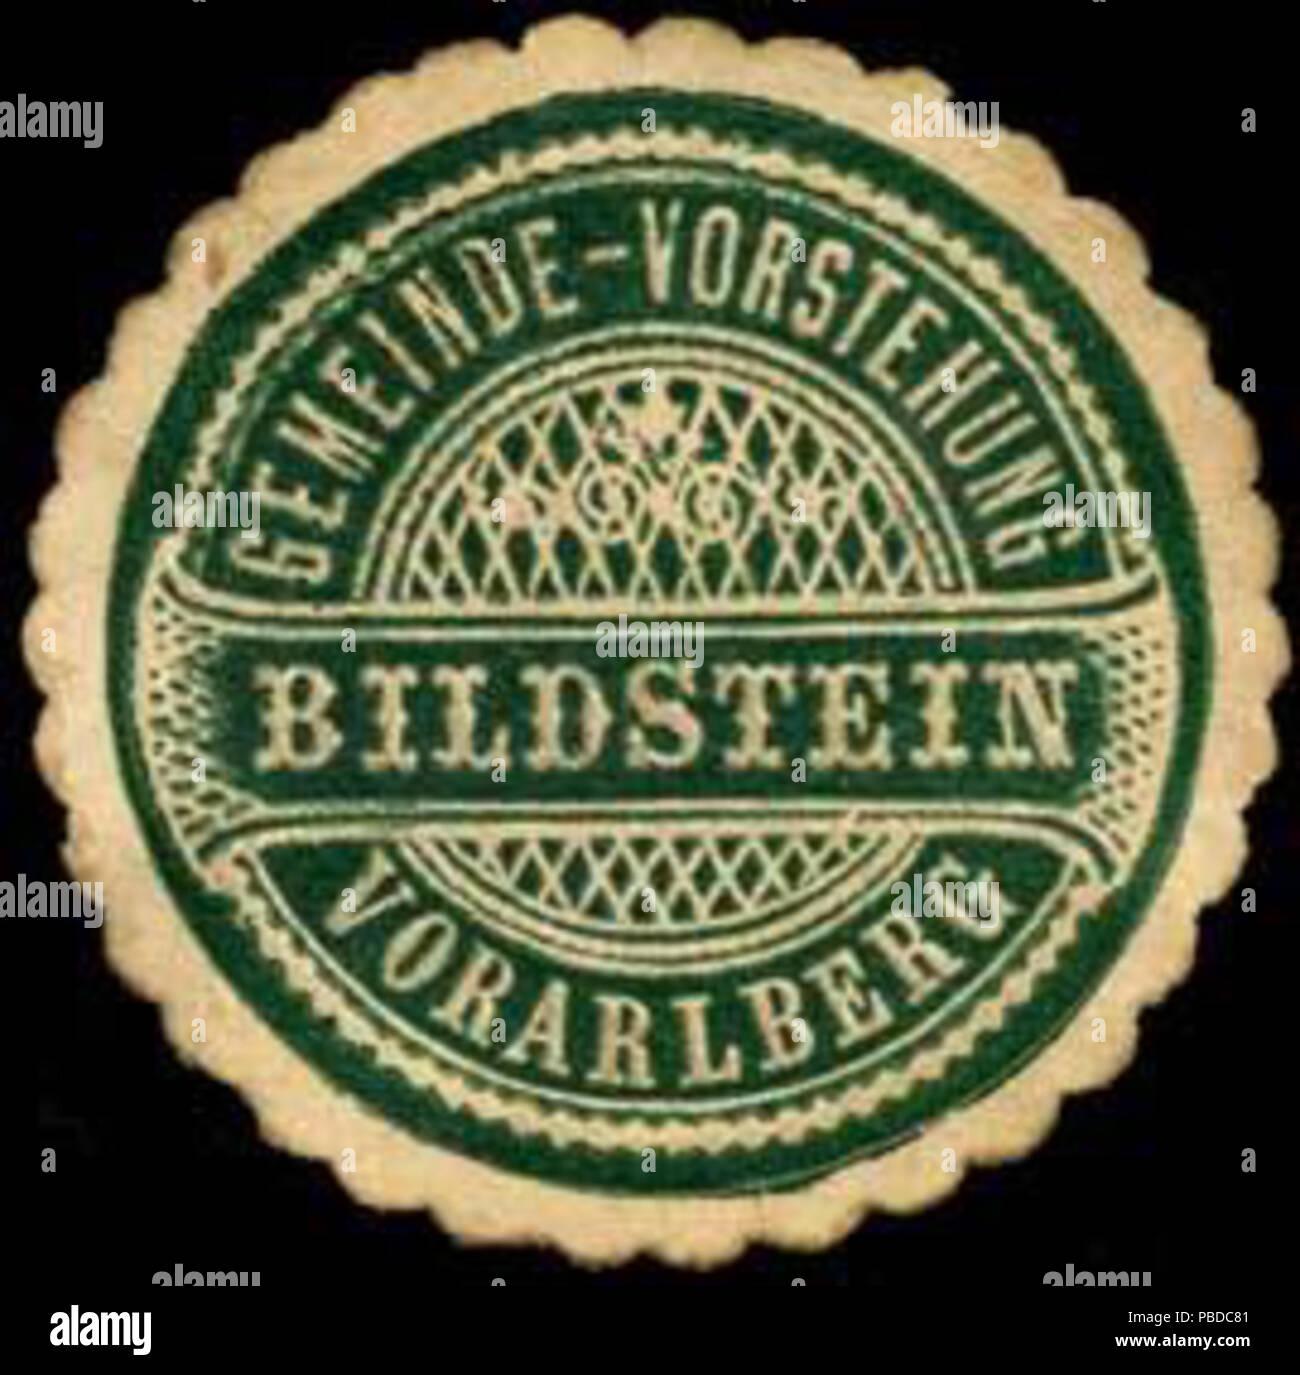 1384 Siegelmarke Gemeinde-Vorstehung Bildstein - Vorarlberg W0261308